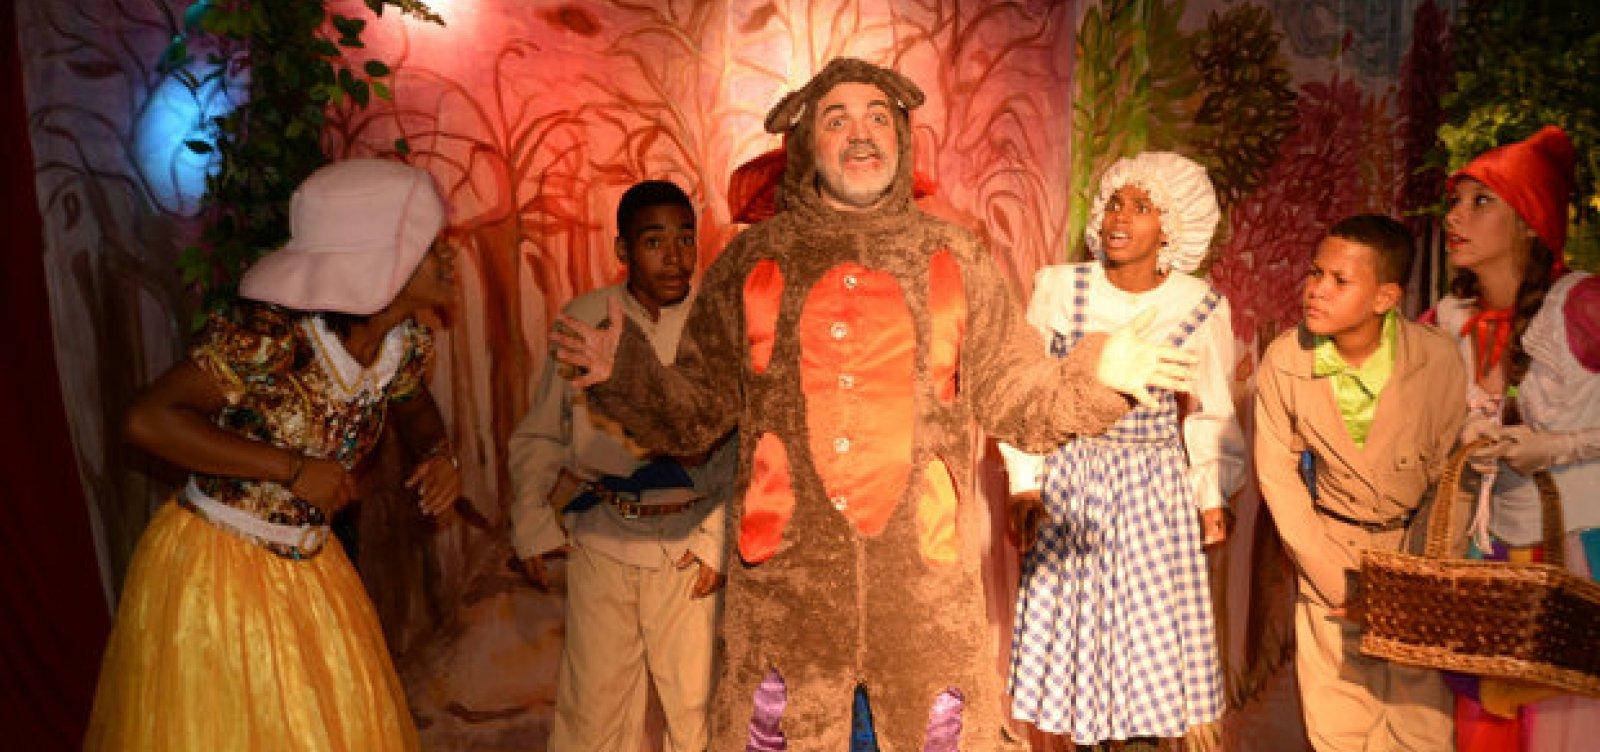 Com fim de contrato no Rio Vermelho, teatro infantil faz 'vaquinha' para conseguir novo imóvel